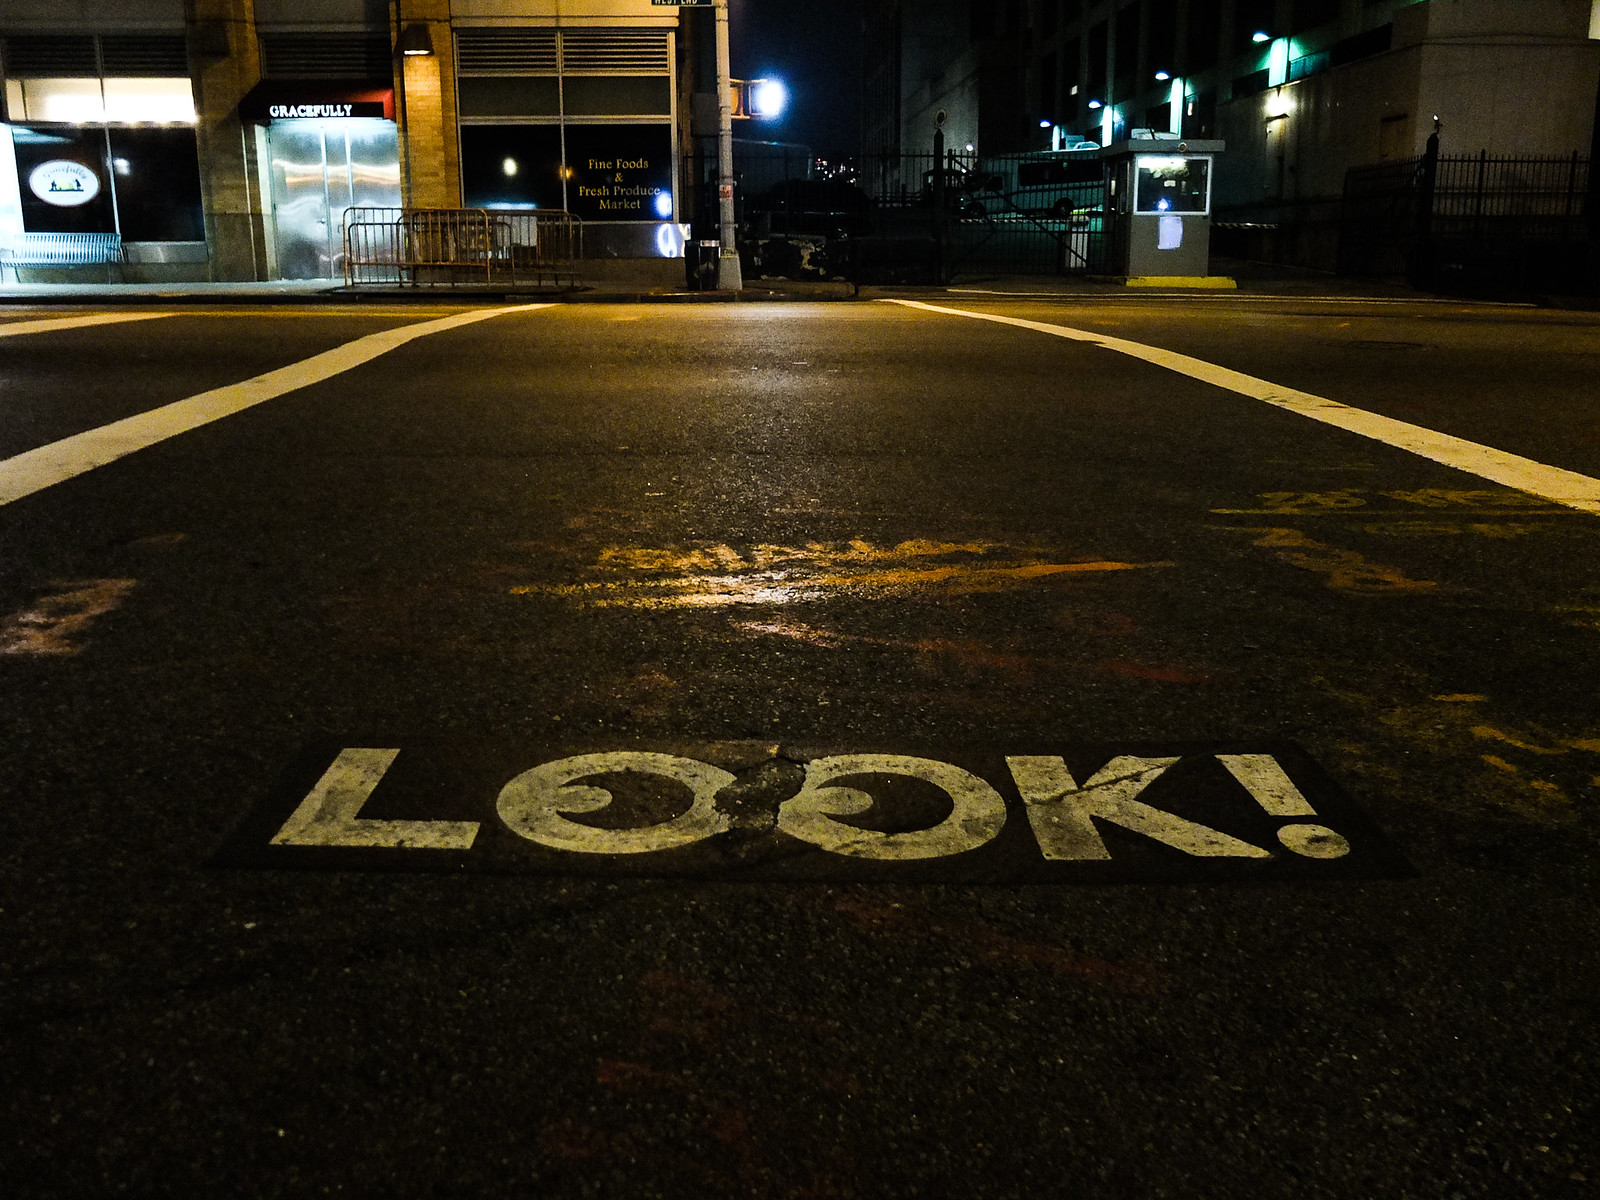 LOOK by wwward0